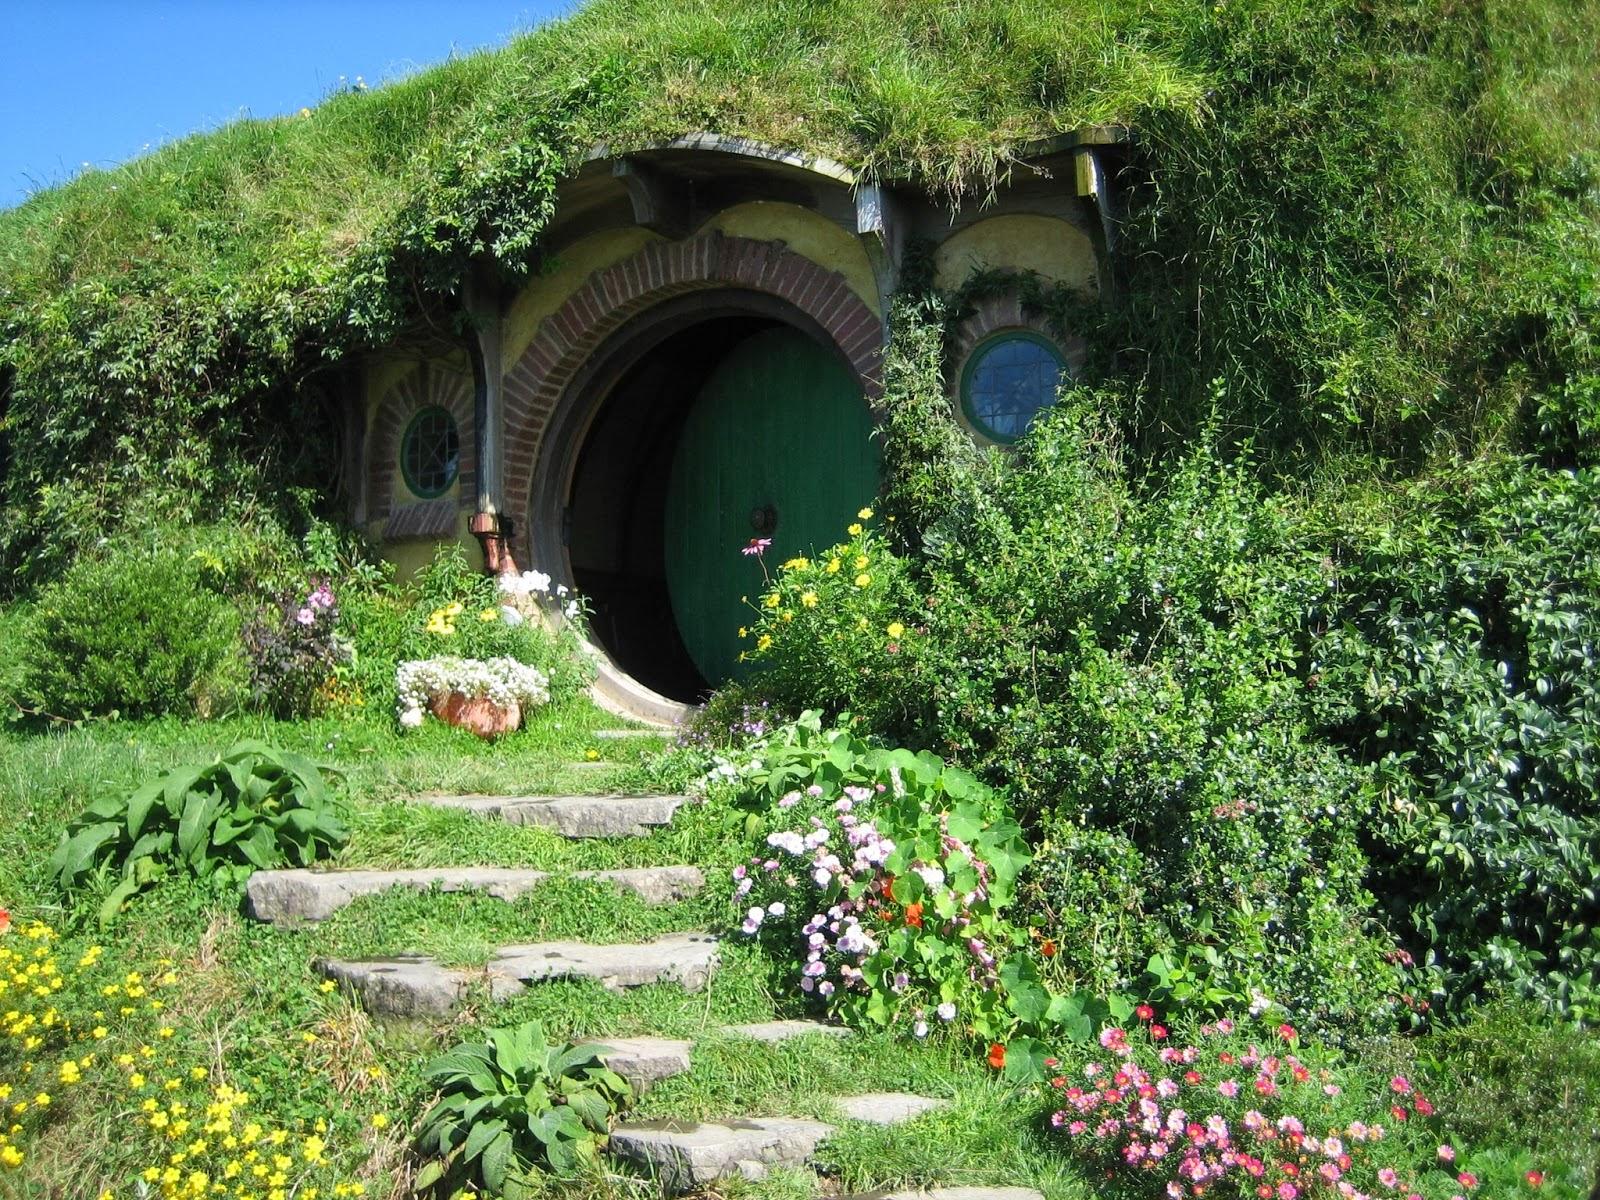 subterra speleo laval du trou de hobbit la moria des nains le monde souterrain vu par j r r. Black Bedroom Furniture Sets. Home Design Ideas